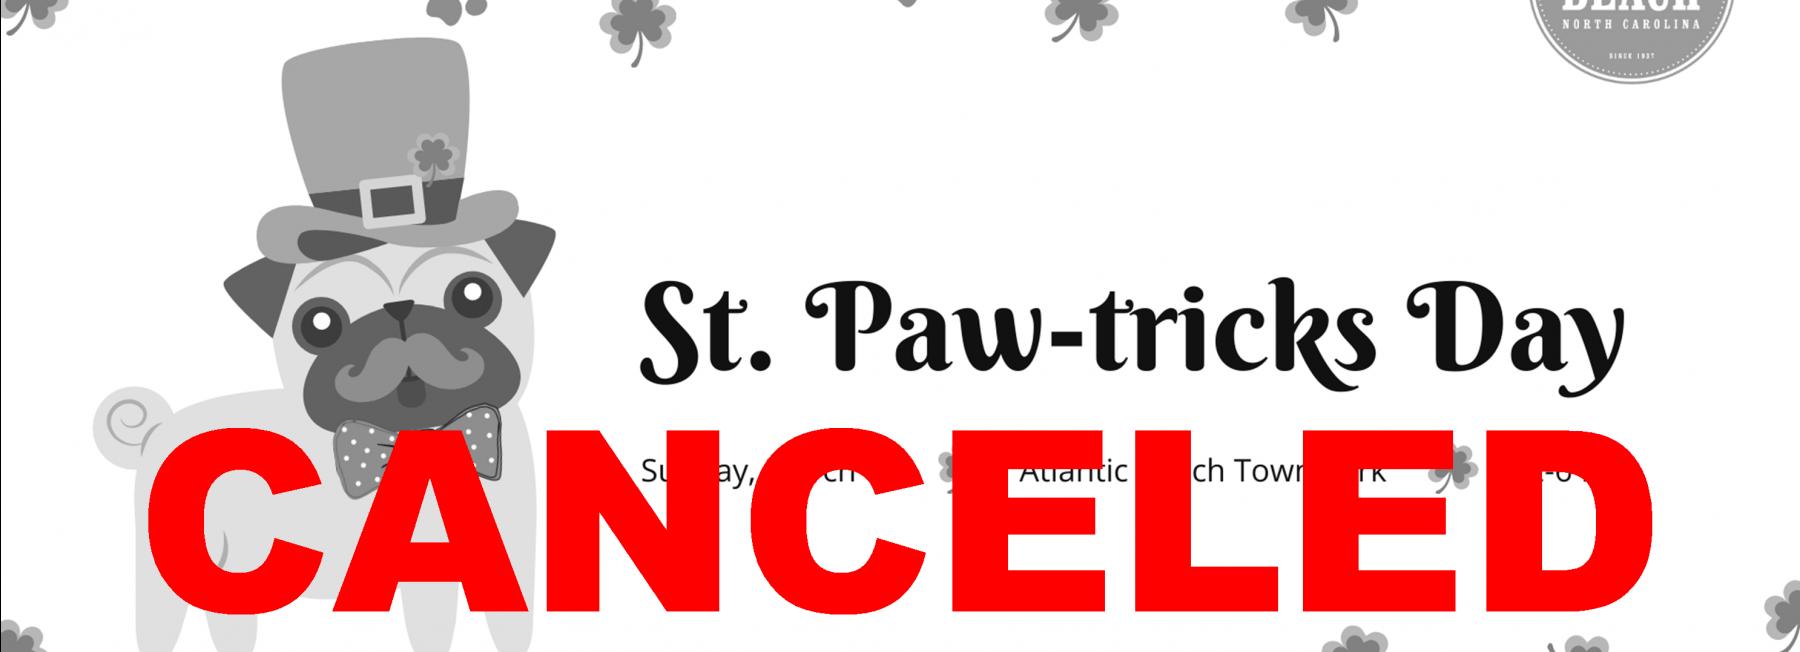 Canceled- St. Paw-tricks Day